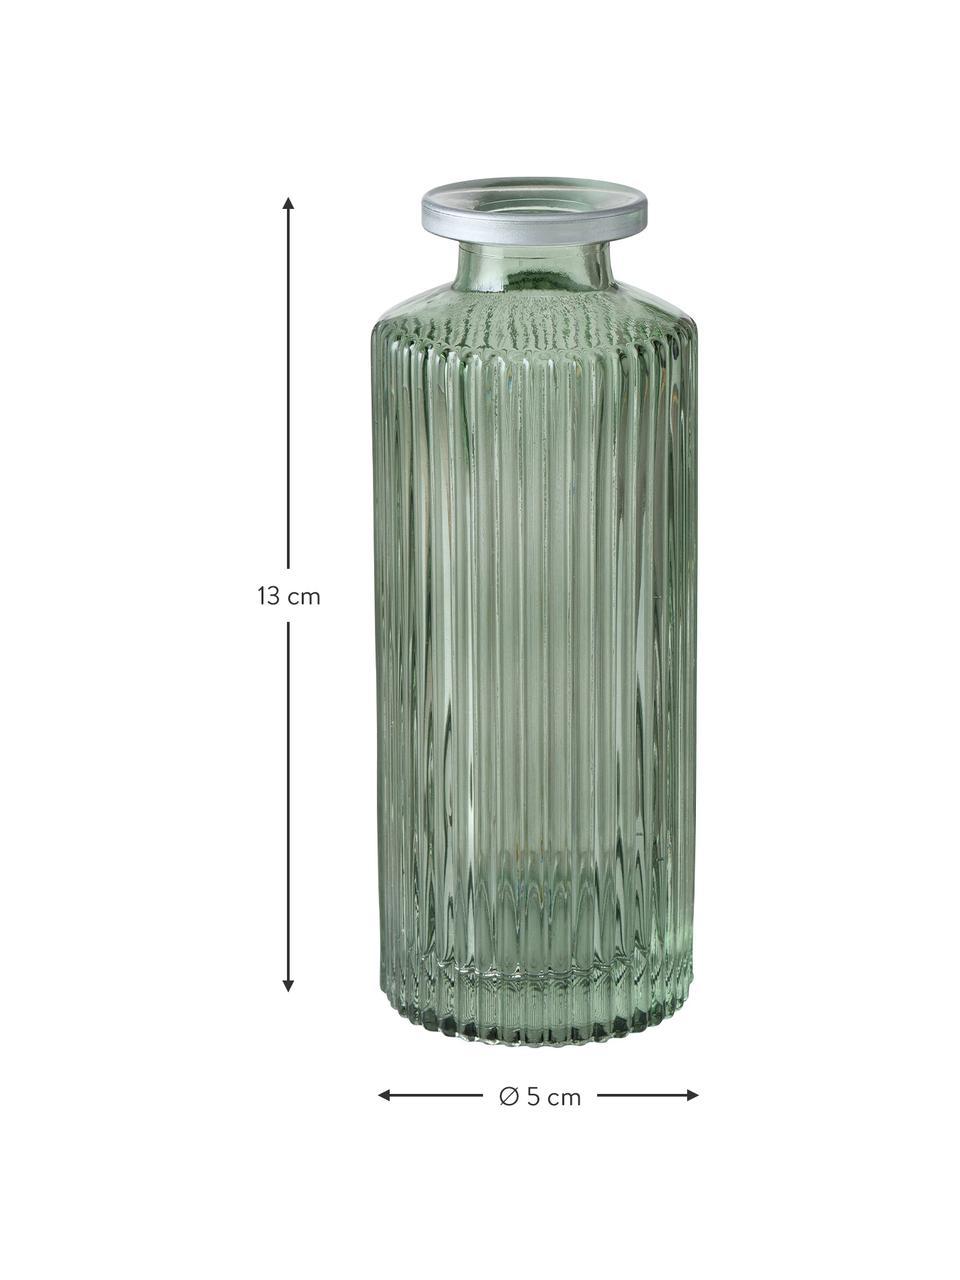 Kleines Vasen-Set Adore aus Glas, 3-tlg., Glas, gefärbt, Grün, Ø 5 x H 13 cm